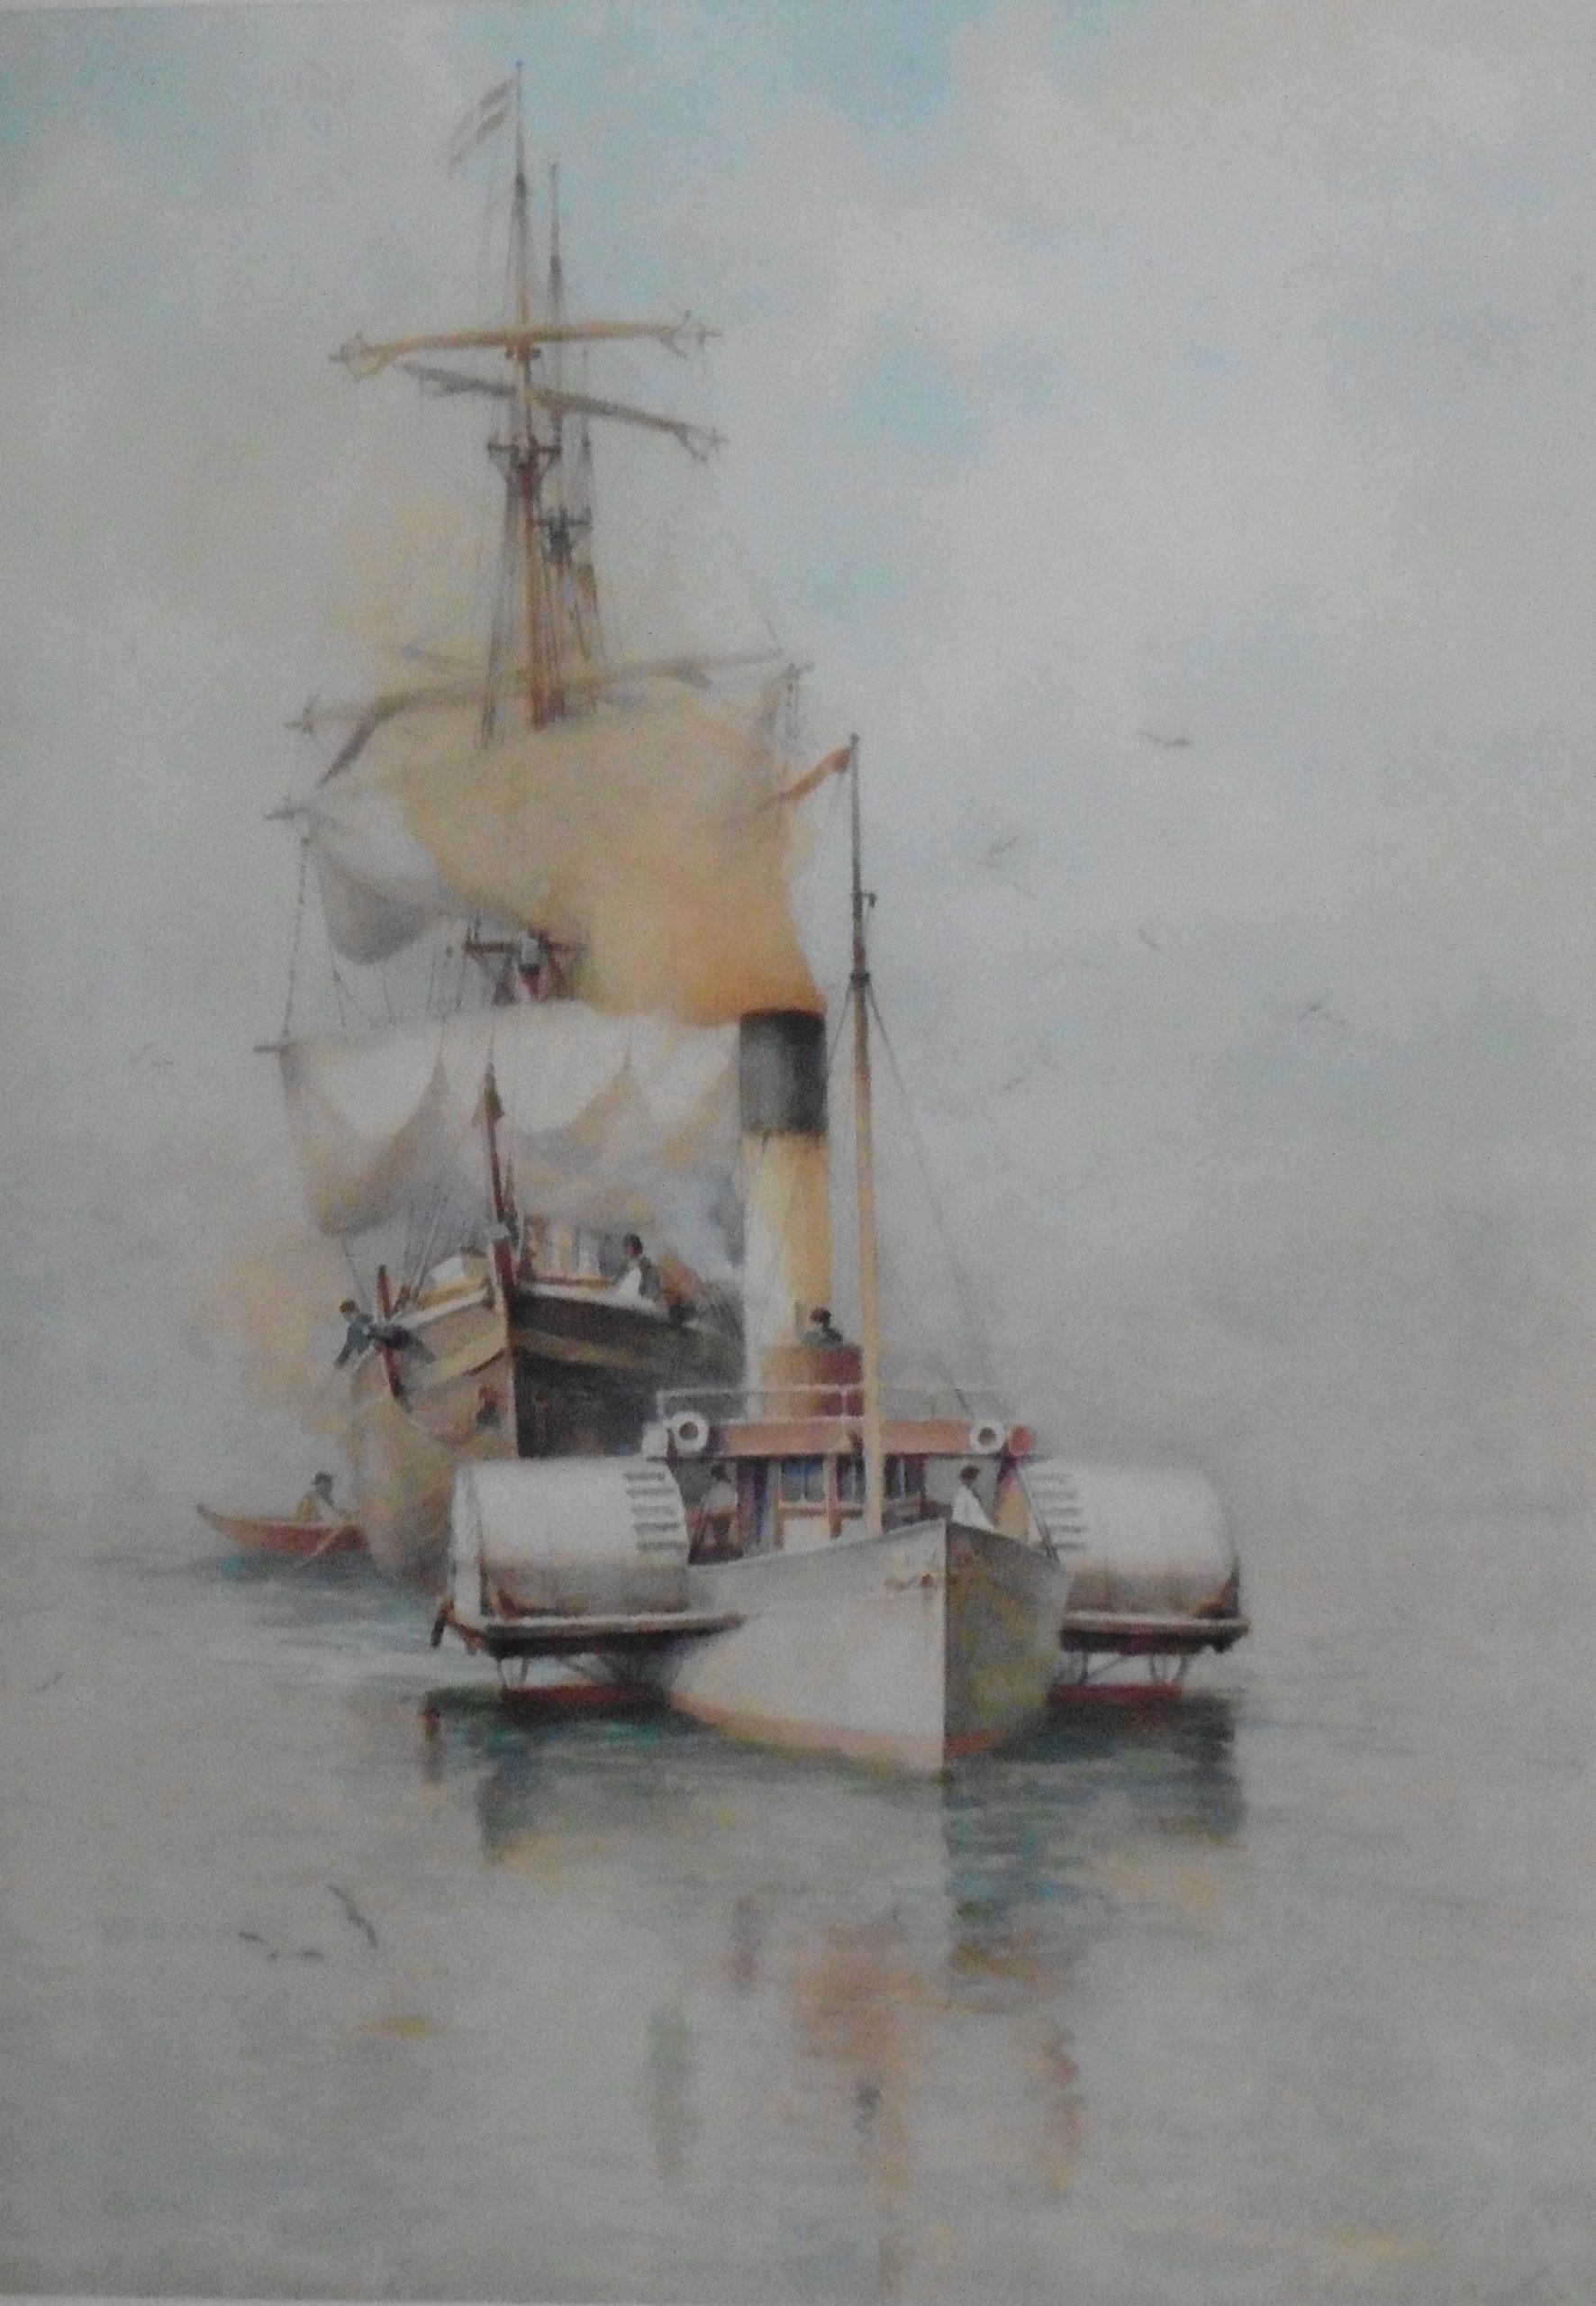 William Woolard Paddle Tug Boat